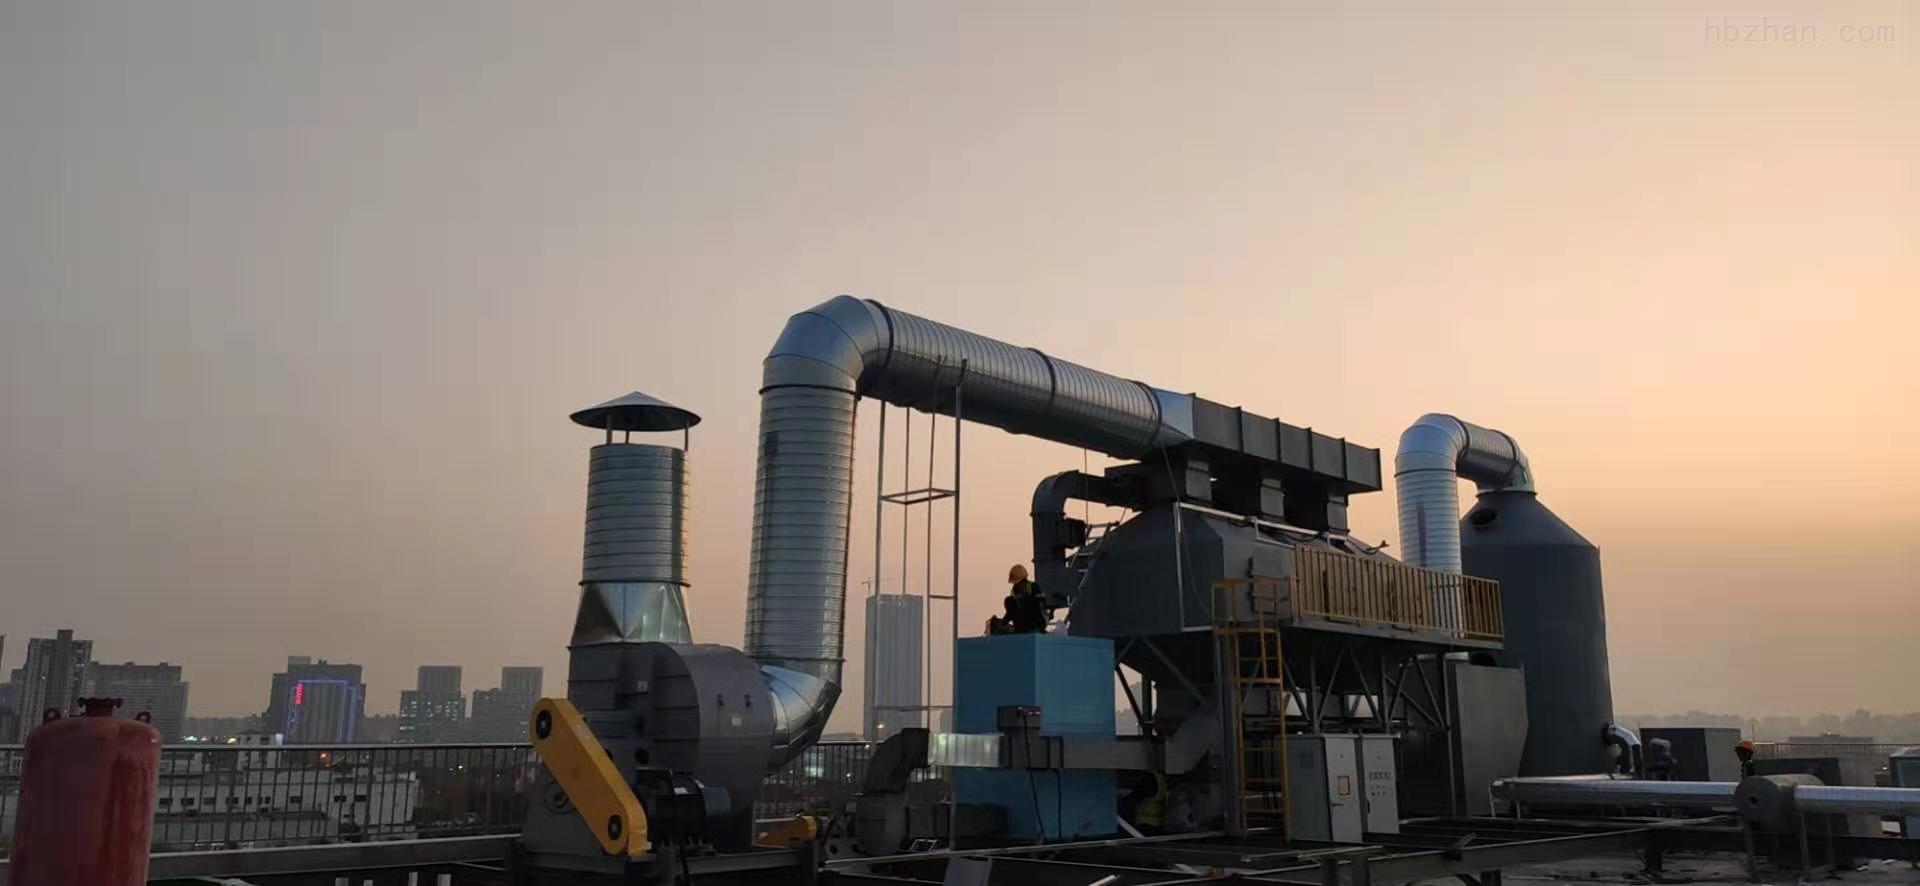 蚌埠催化燃烧设备厂家直销